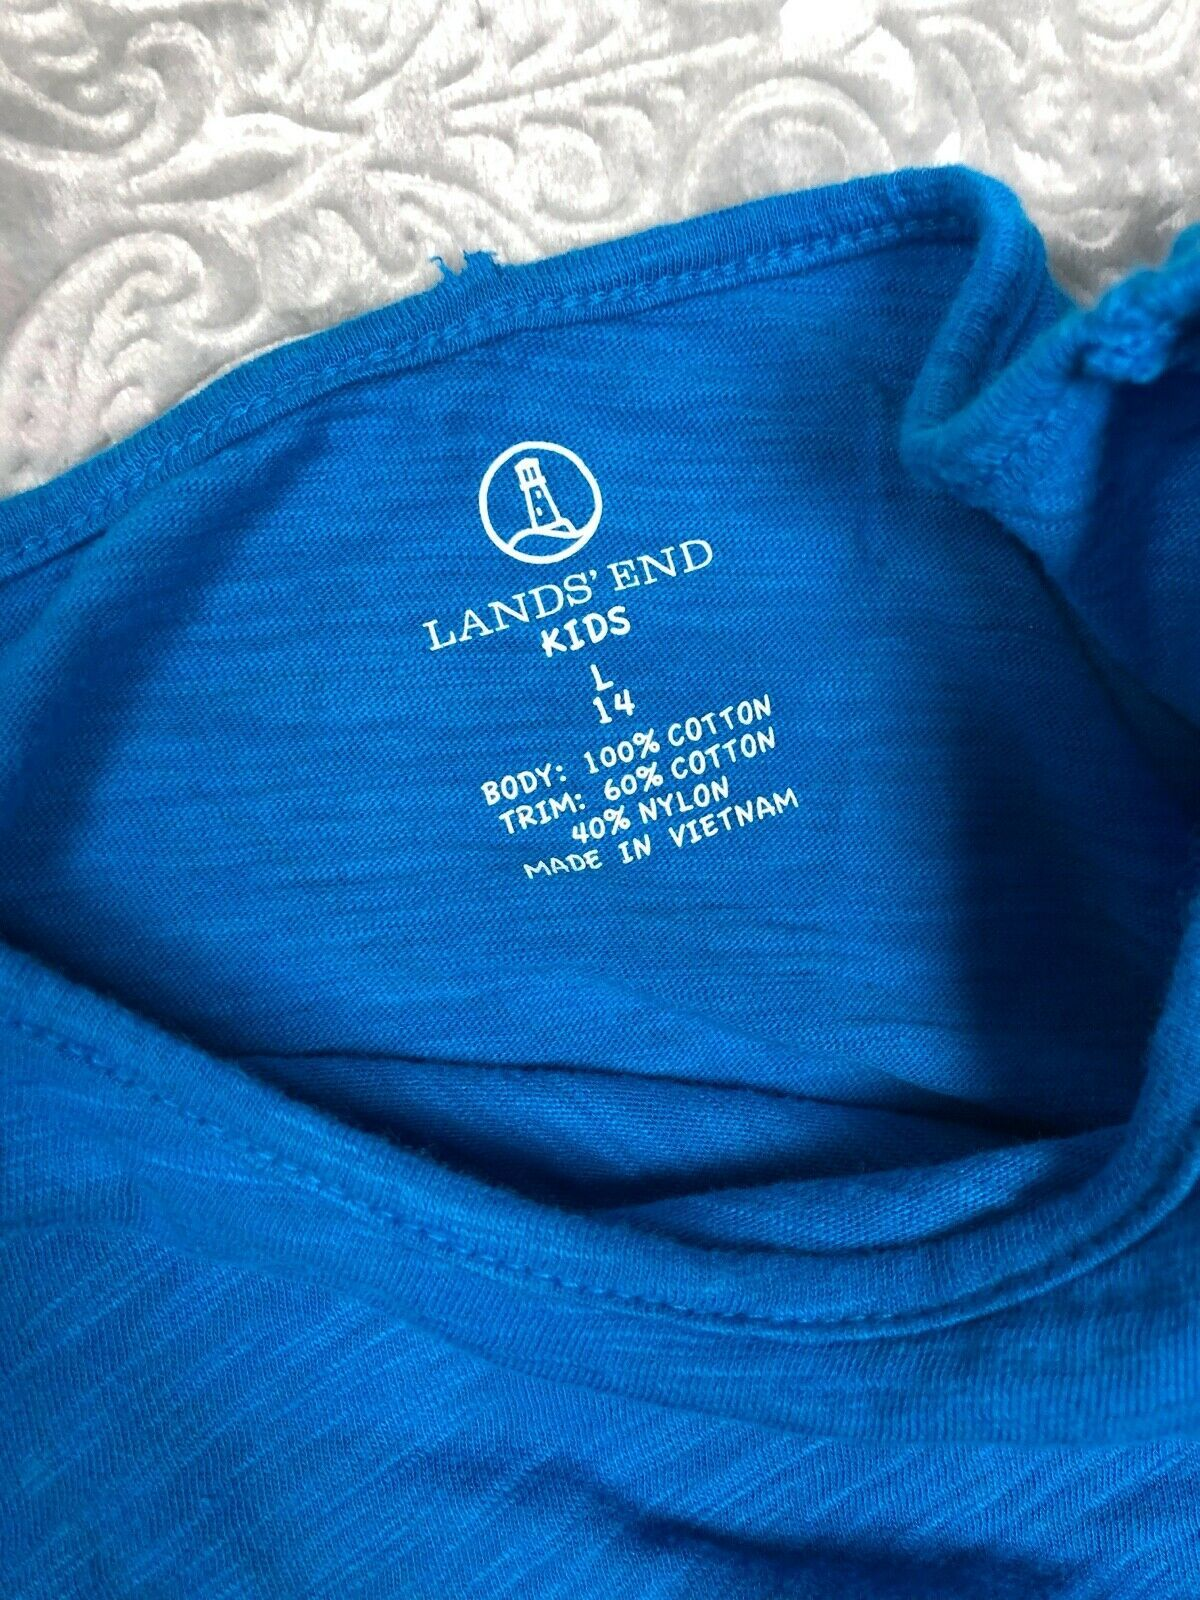 LANDS END KIDS Summer Tops Lot Sleeveless Tank Dress T-Shirt Girl's Size 14  image 11